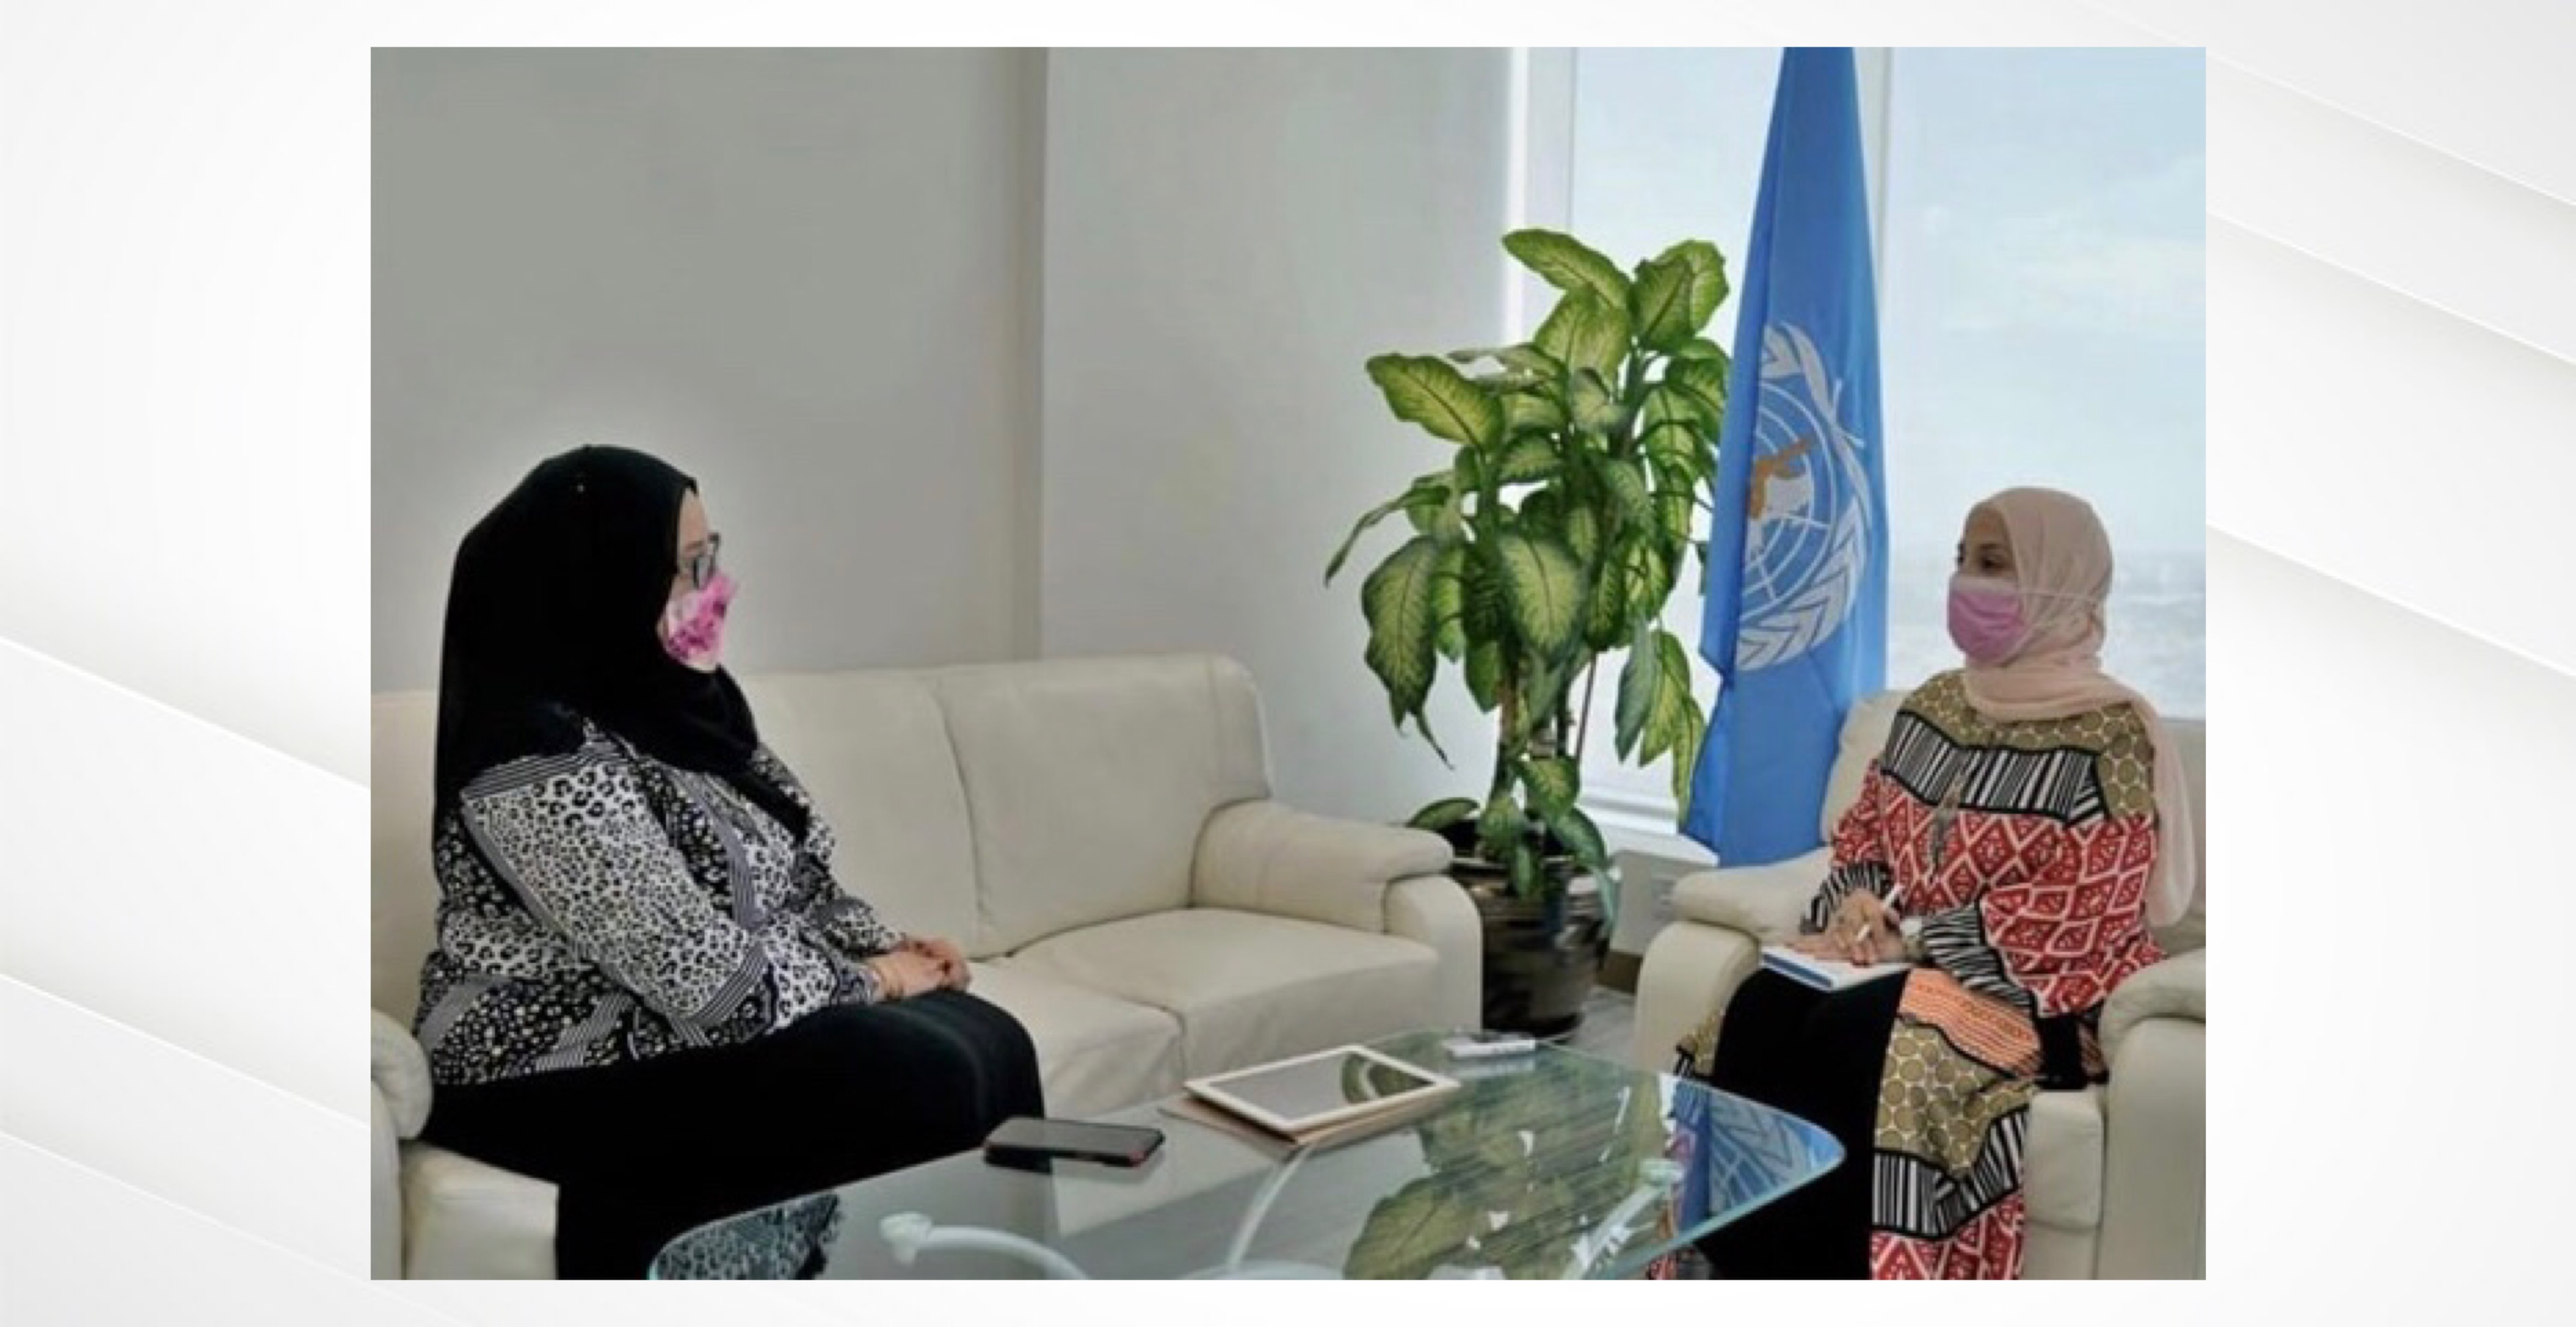 في أول حوار صحفي مع (بنا) .. ممثلة منظمة الصحة العالمية: استجابة صحية شاملة ذات جودة عالية في مملكة البحرين